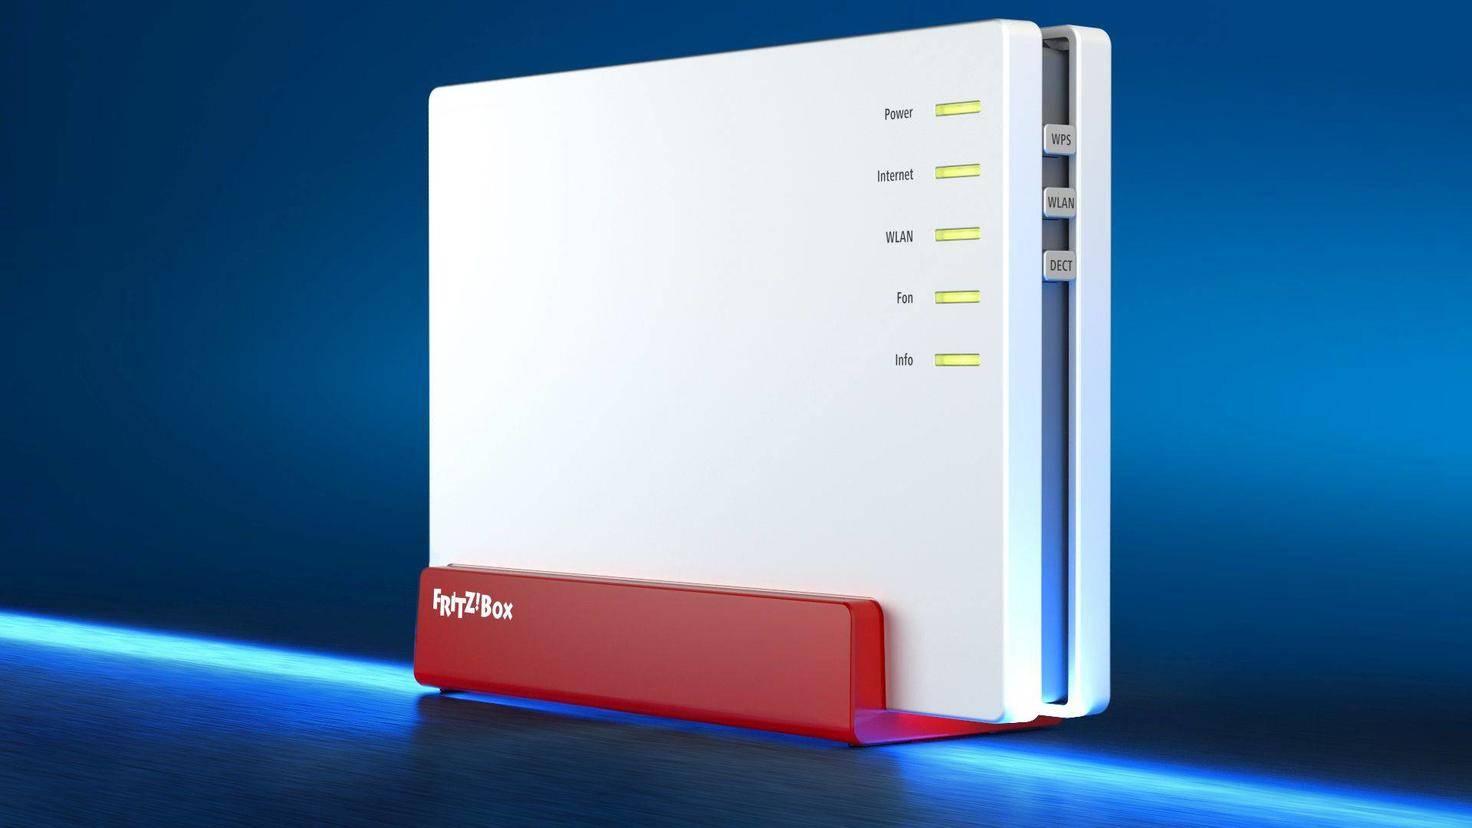 Ebenso schnelles WLAN aber maximal VDSL bis zu 100 Mbit/s unterstützt die Fritzbox 7580.